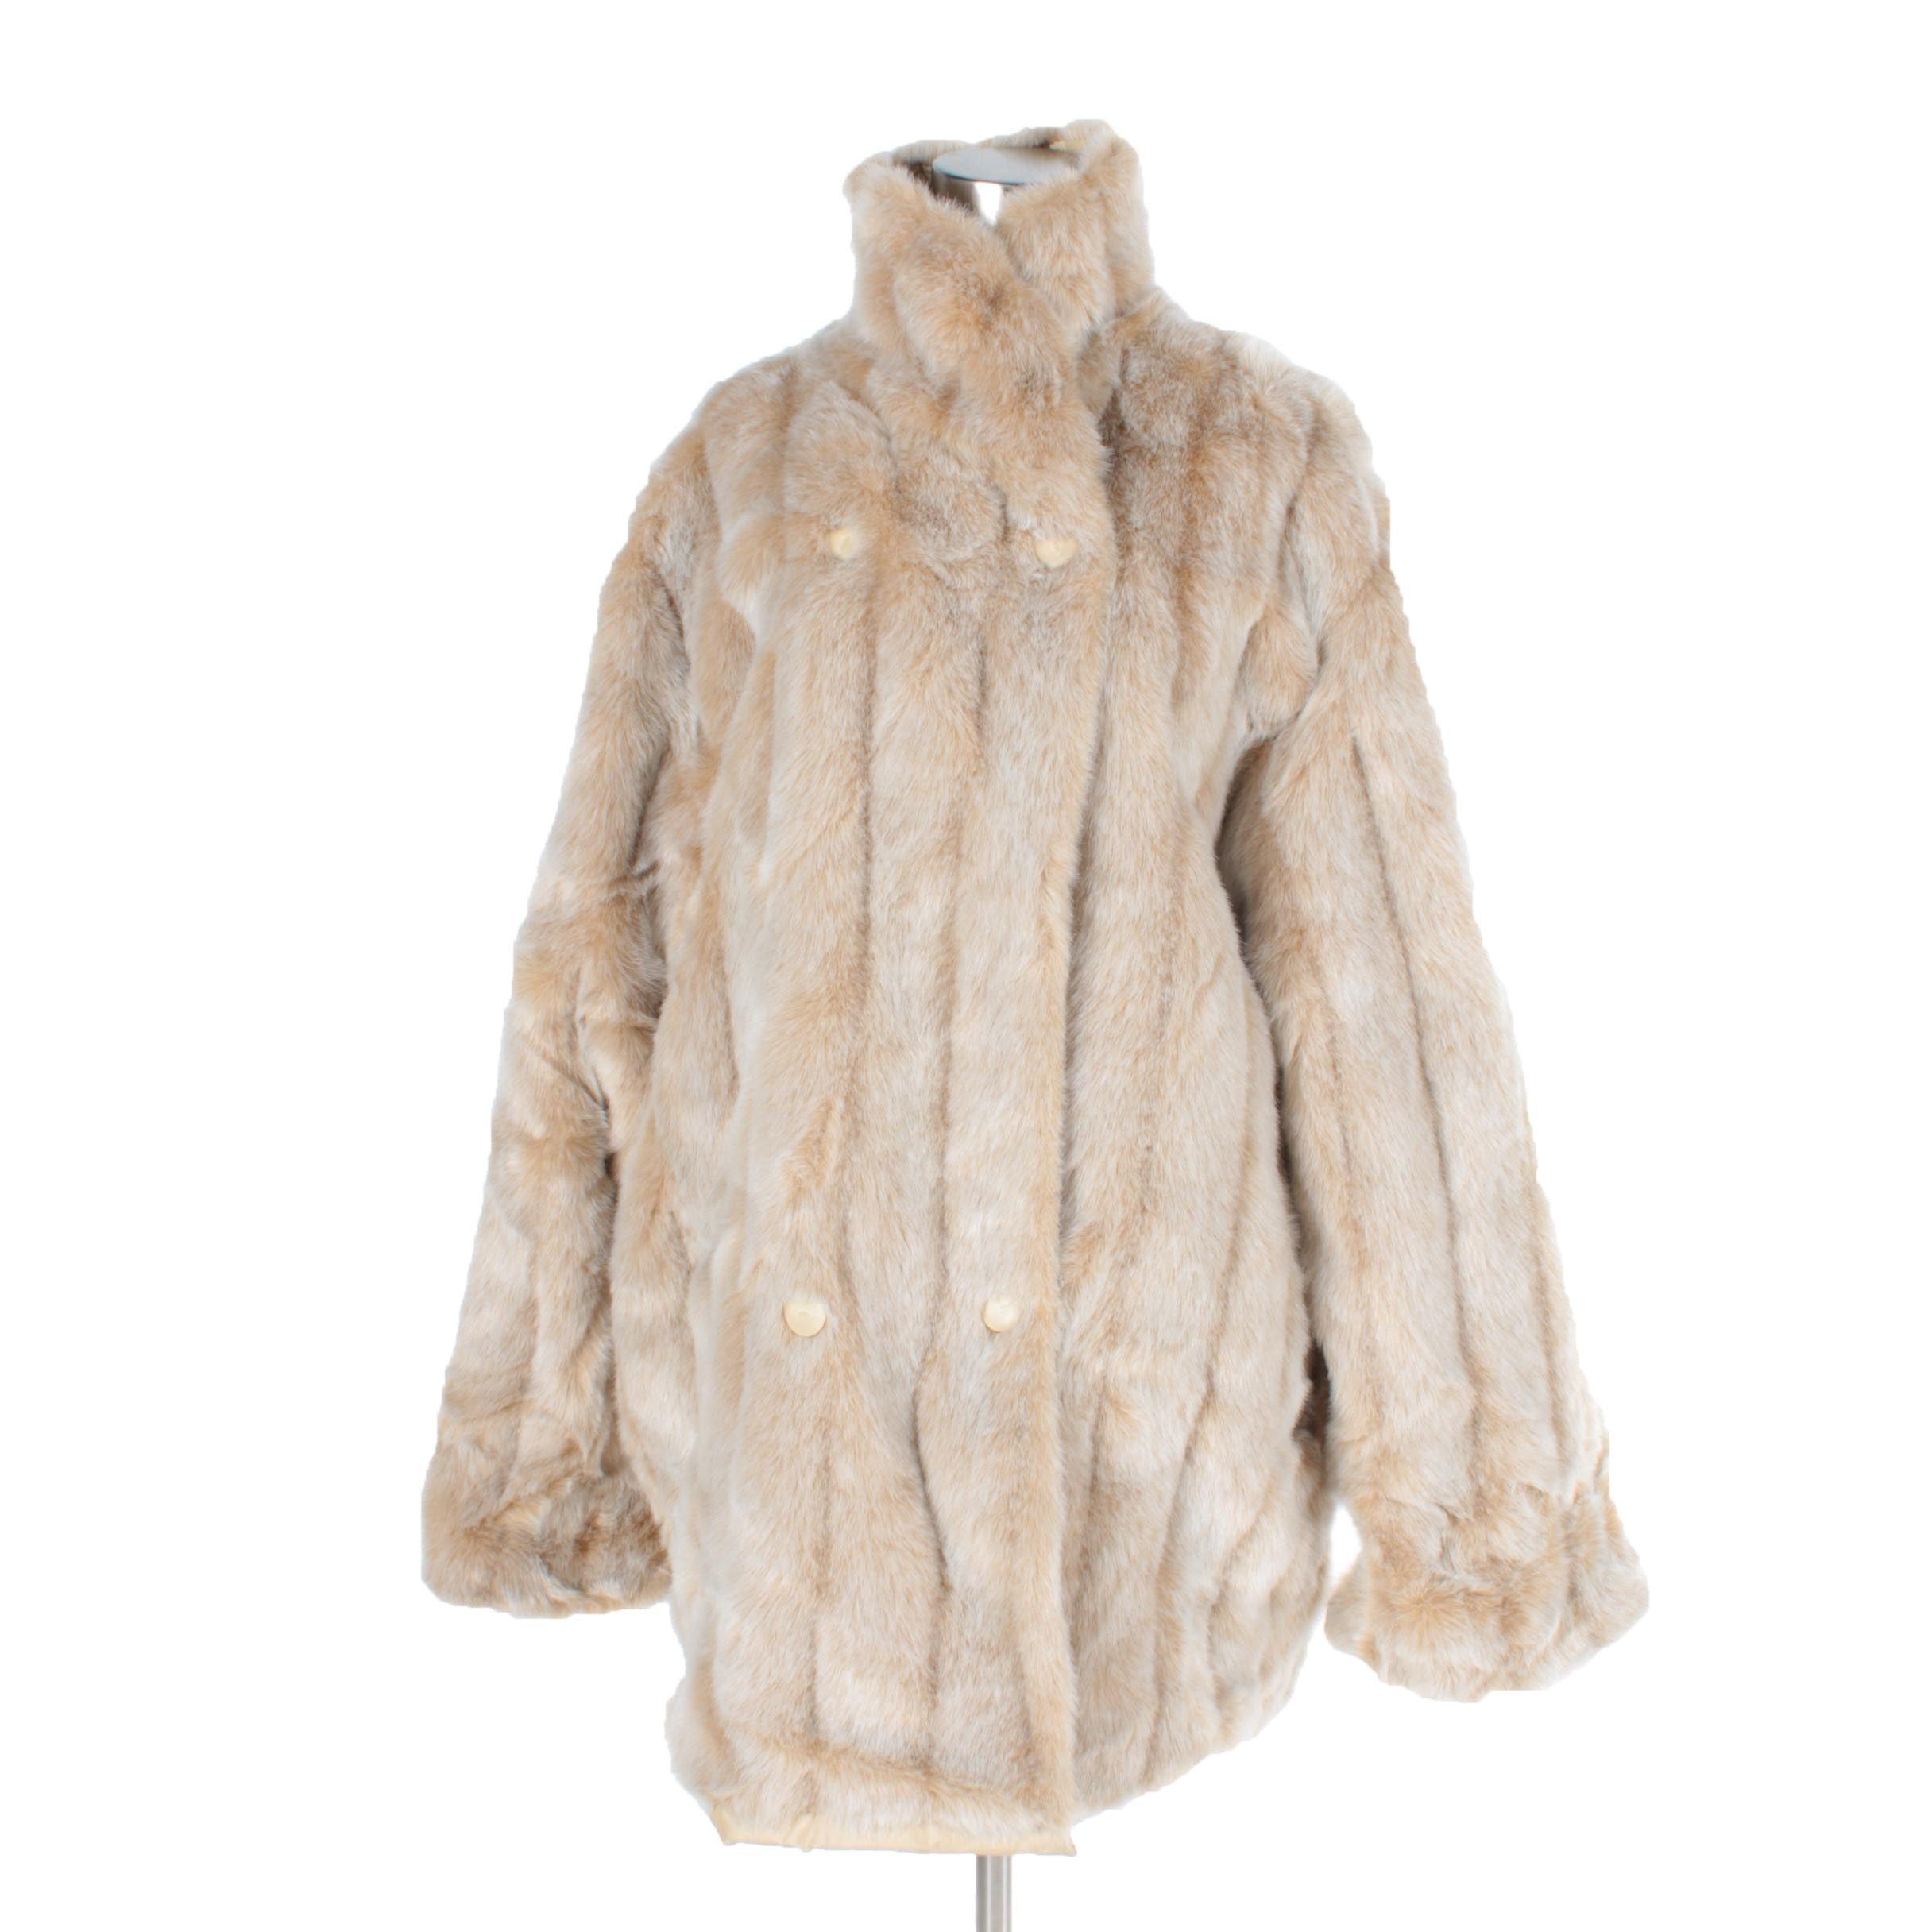 Women's Vintage Faux Fur Coat